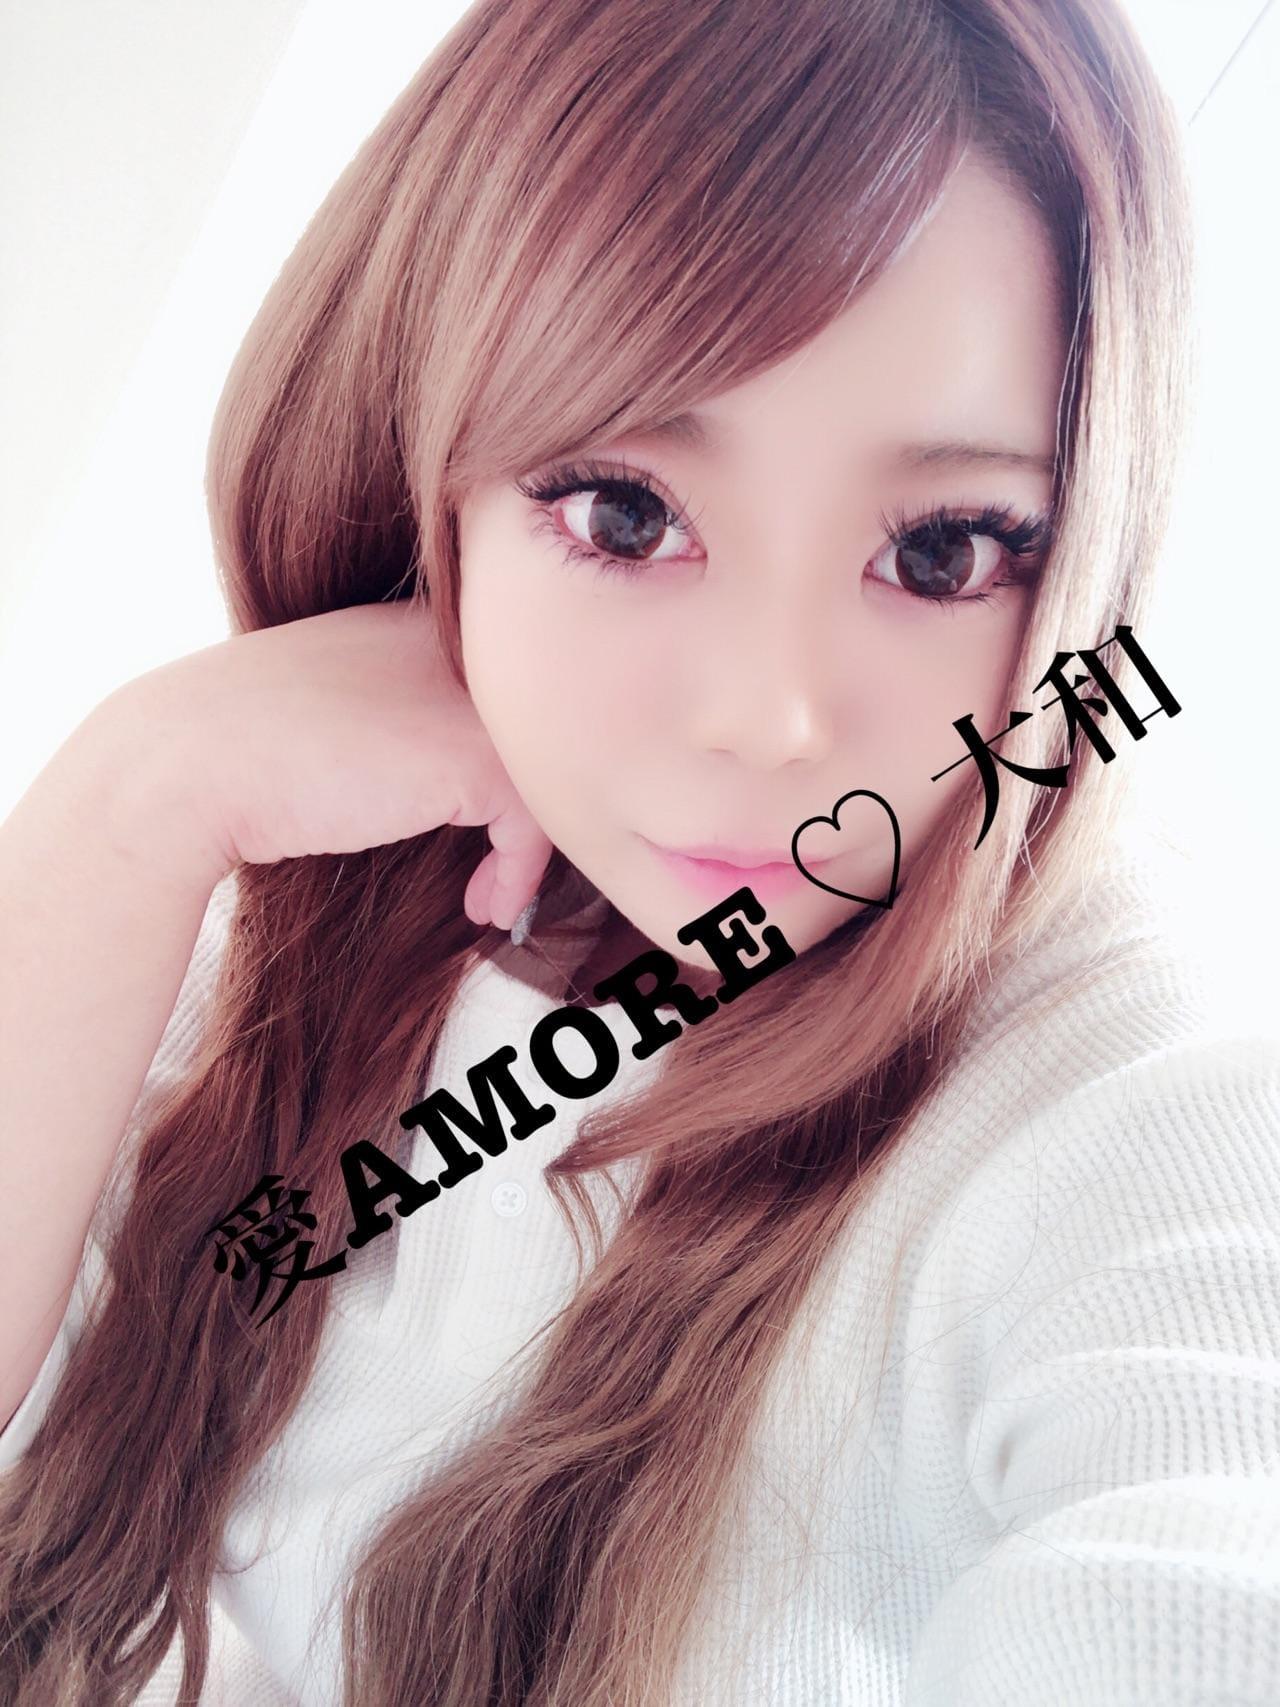 「おはようございます(*´-`)」11/17(11/17) 09:32   大和の写メ・風俗動画